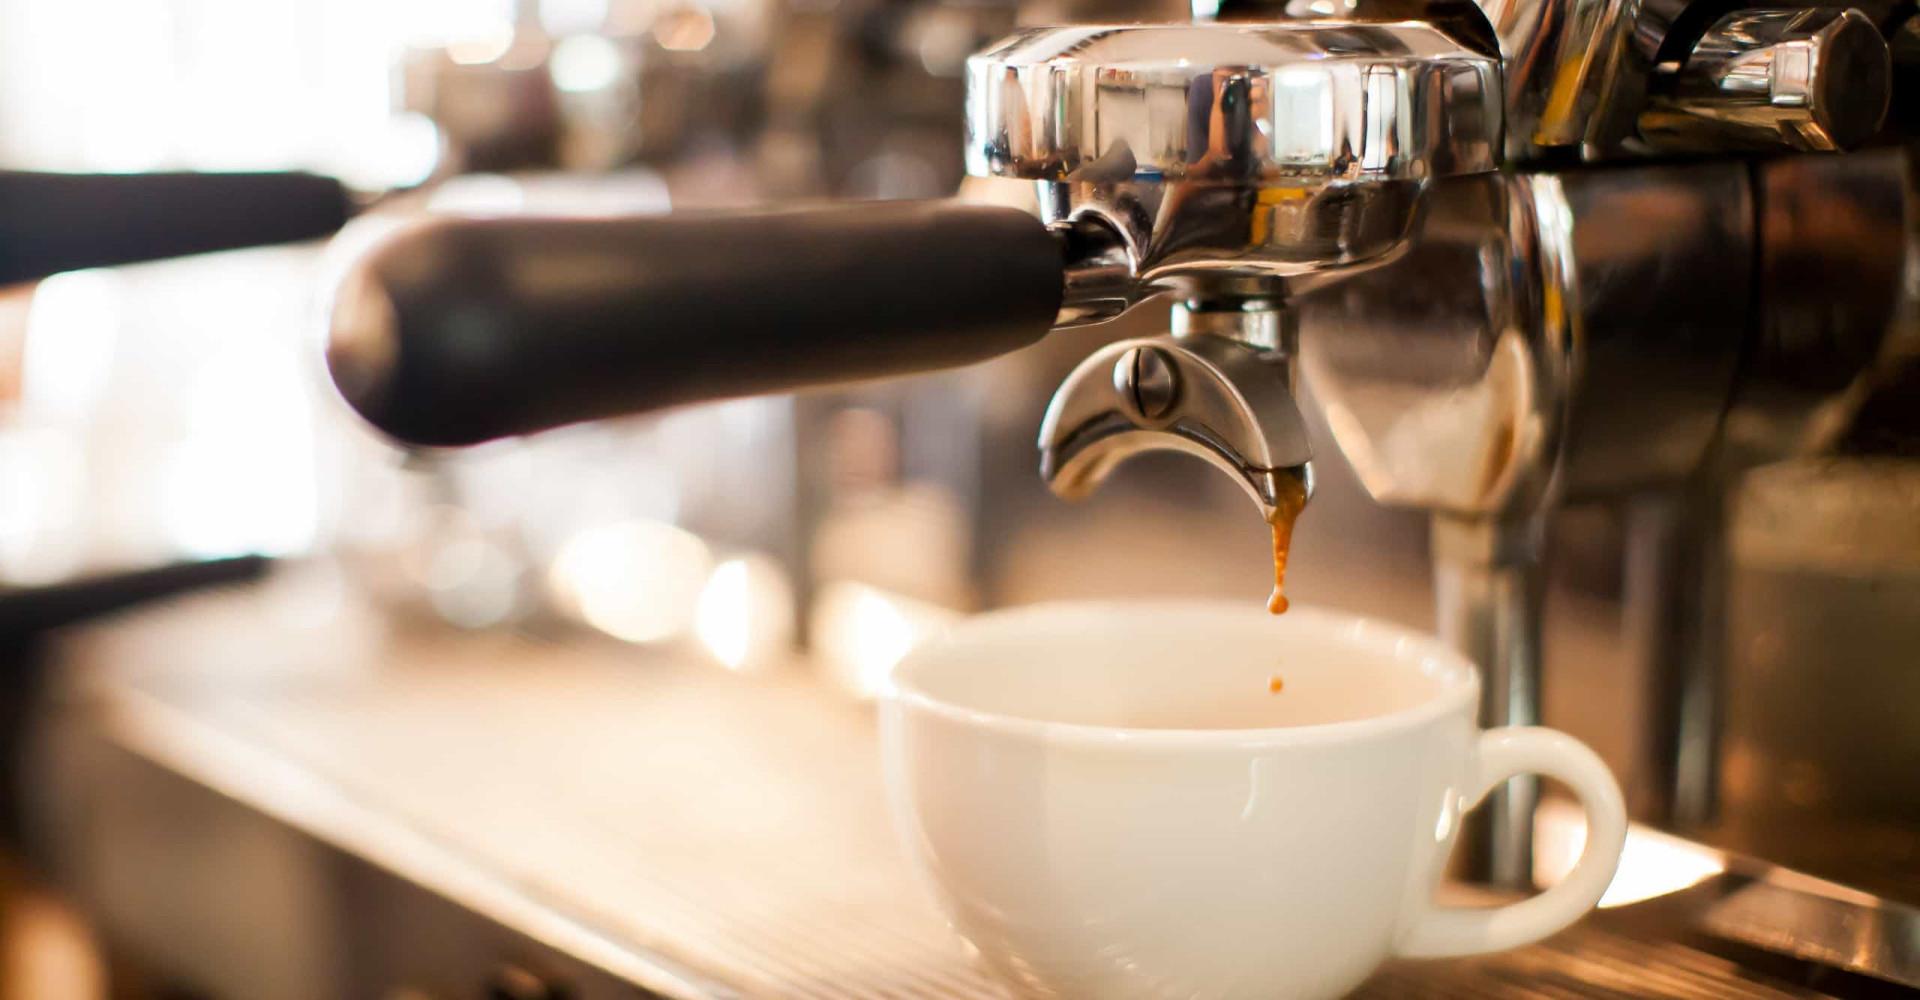 Vuoi aprire un caffè? Ecco i passi da seguire